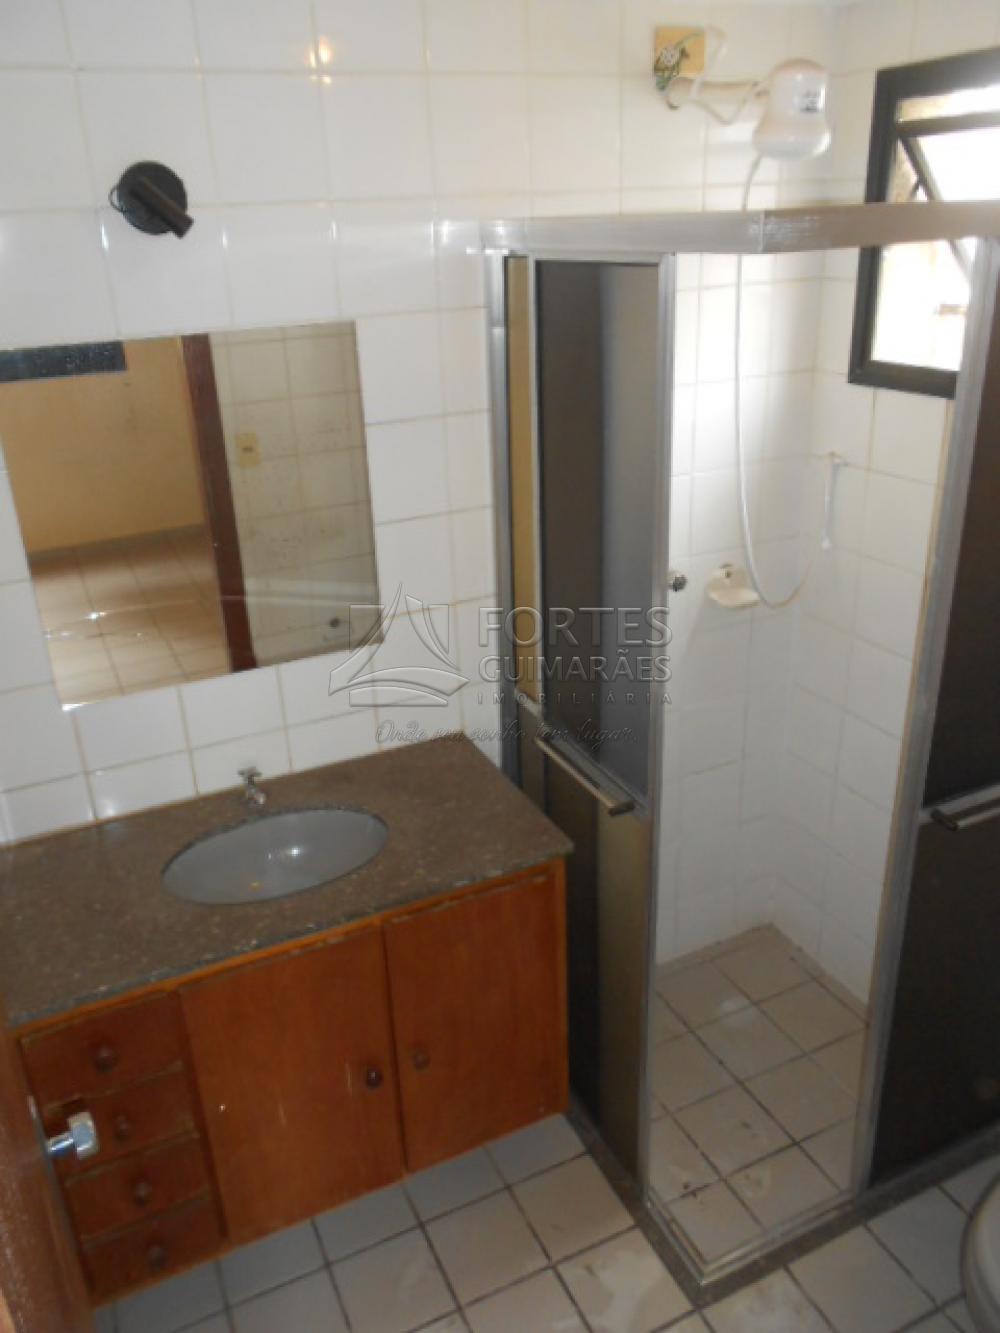 Alugar Apartamentos / Padrão em Ribeirão Preto apenas R$ 700,00 - Foto 15